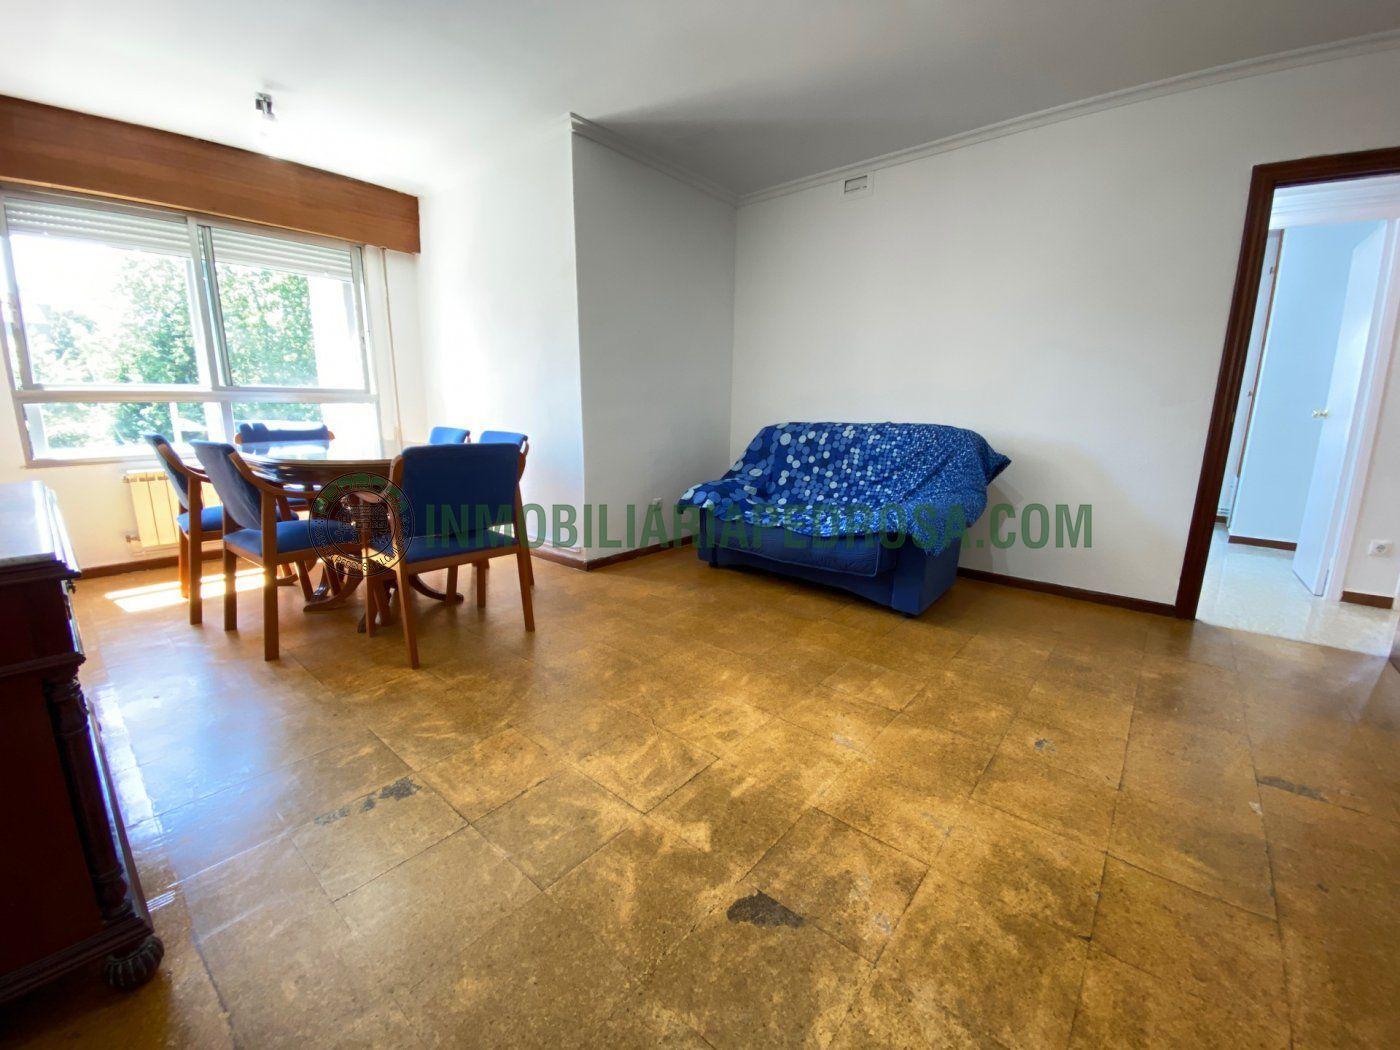 Apartamento, Monteporreiro, Venta - Pontevedra (Pontevedra)